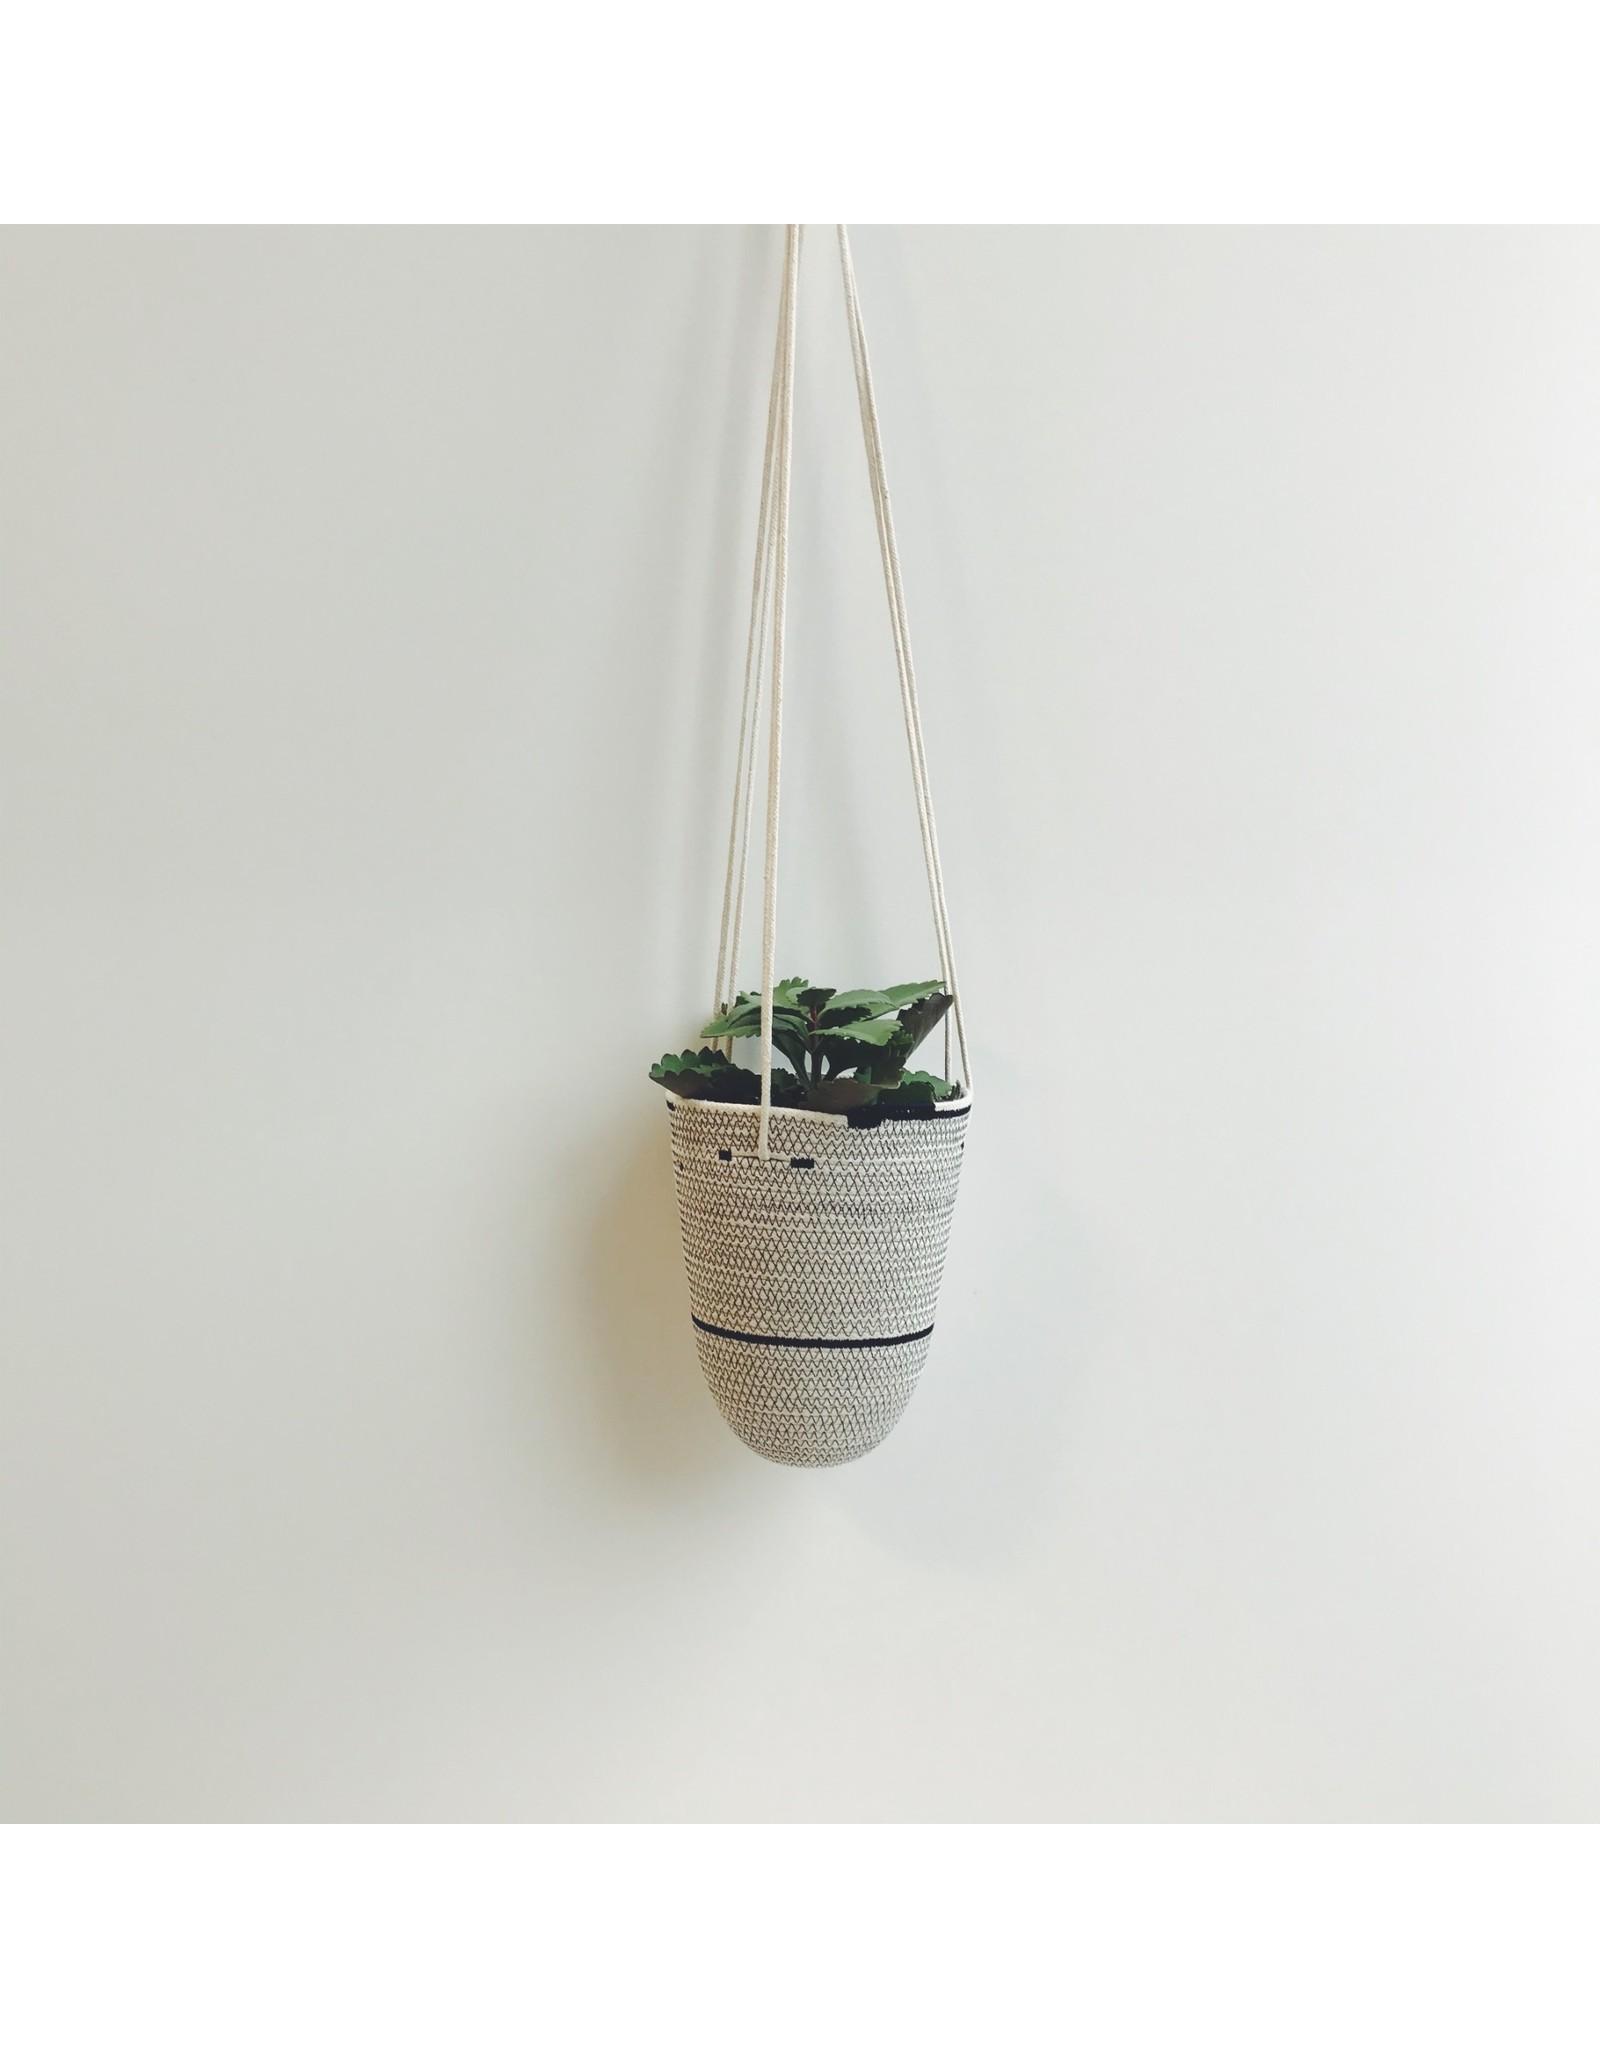 Rope Hanging Basket